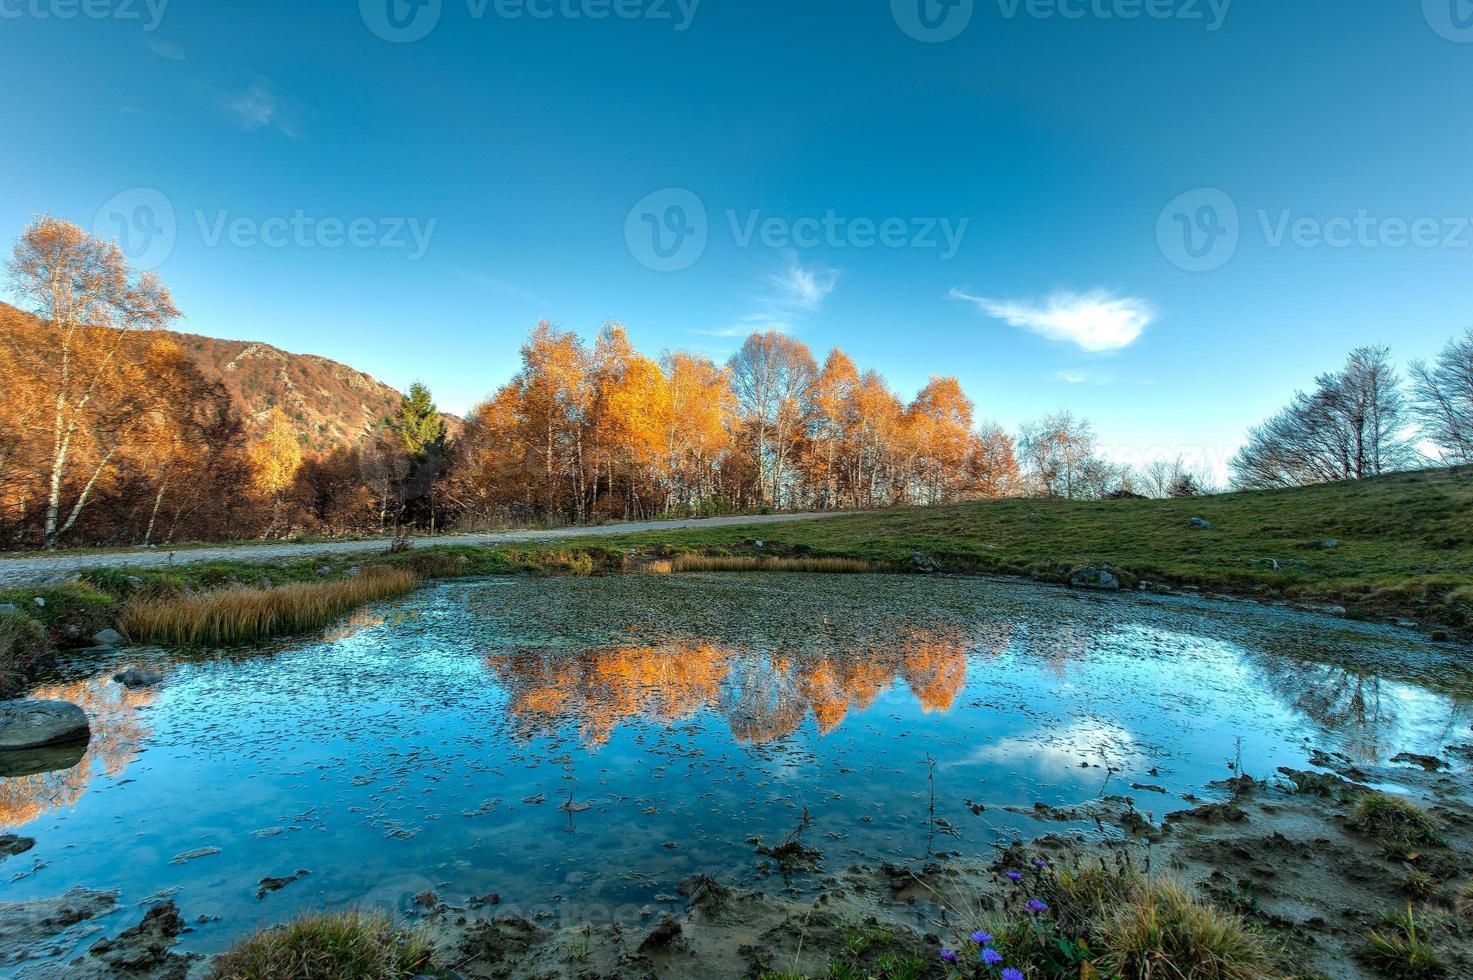 petit lac aux reflets d'automne photo